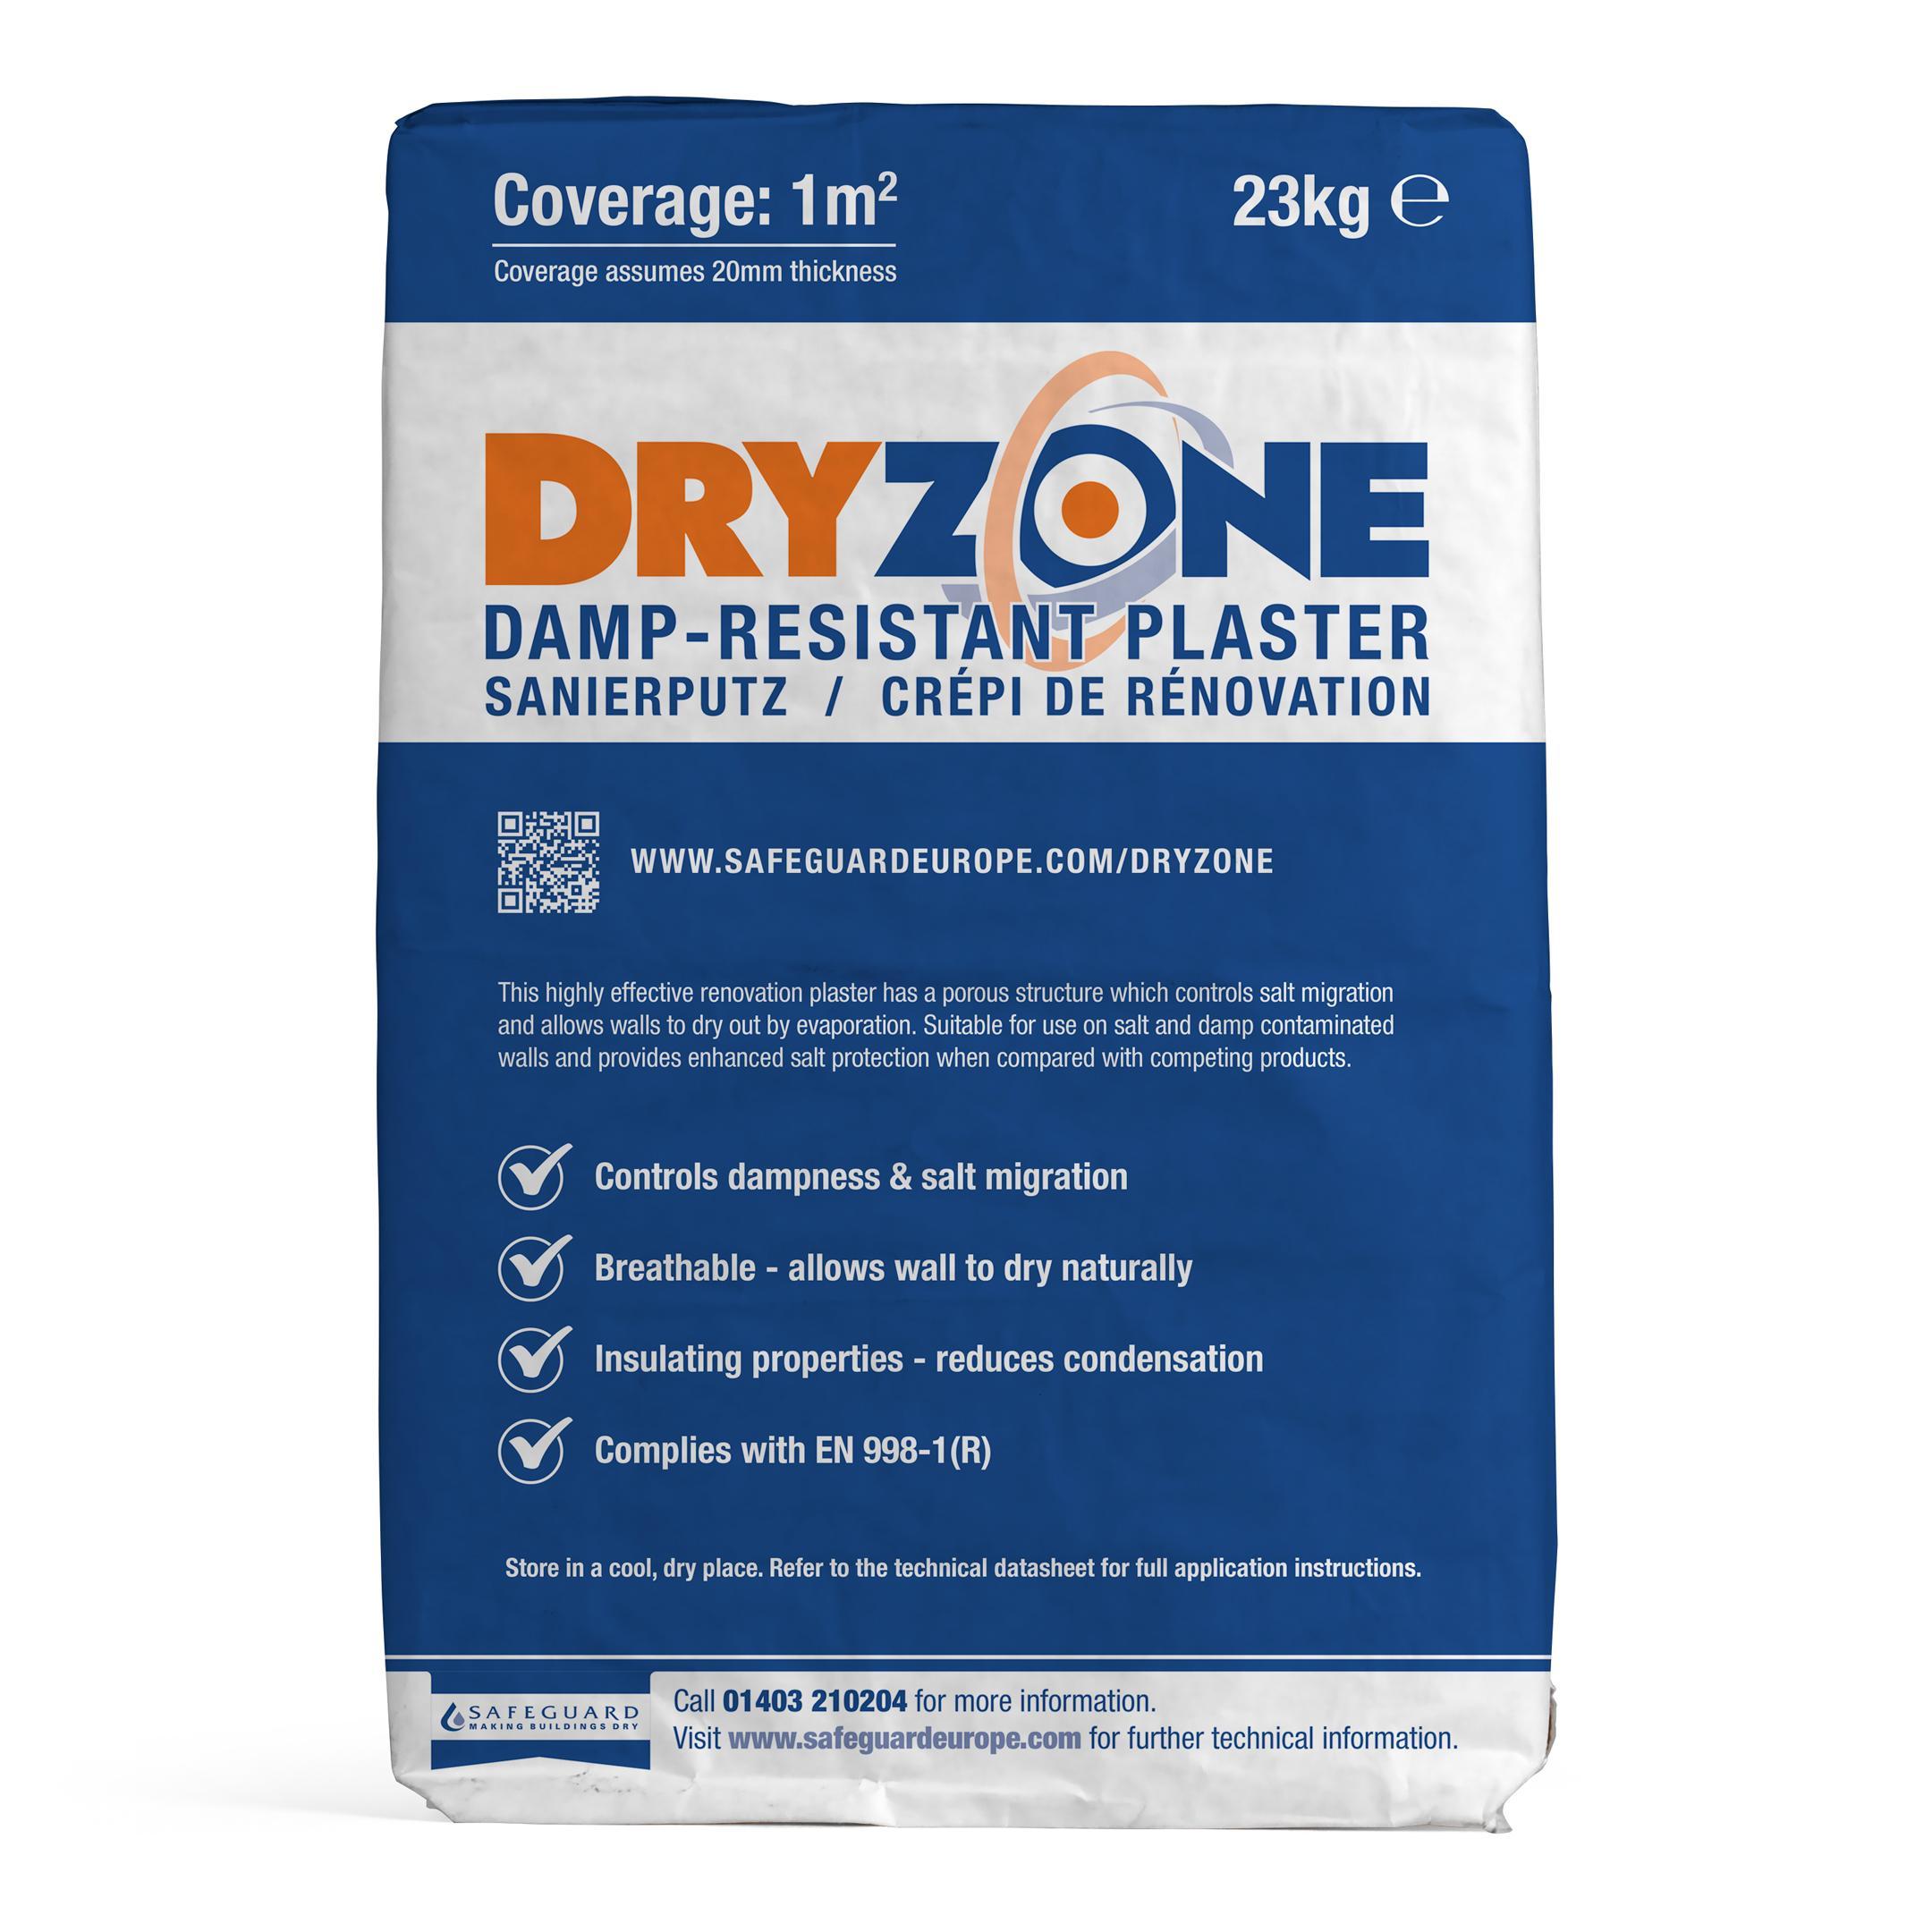 Dryzone Damp-Resistant Plaster (23 kg) Reviews   Safeguard